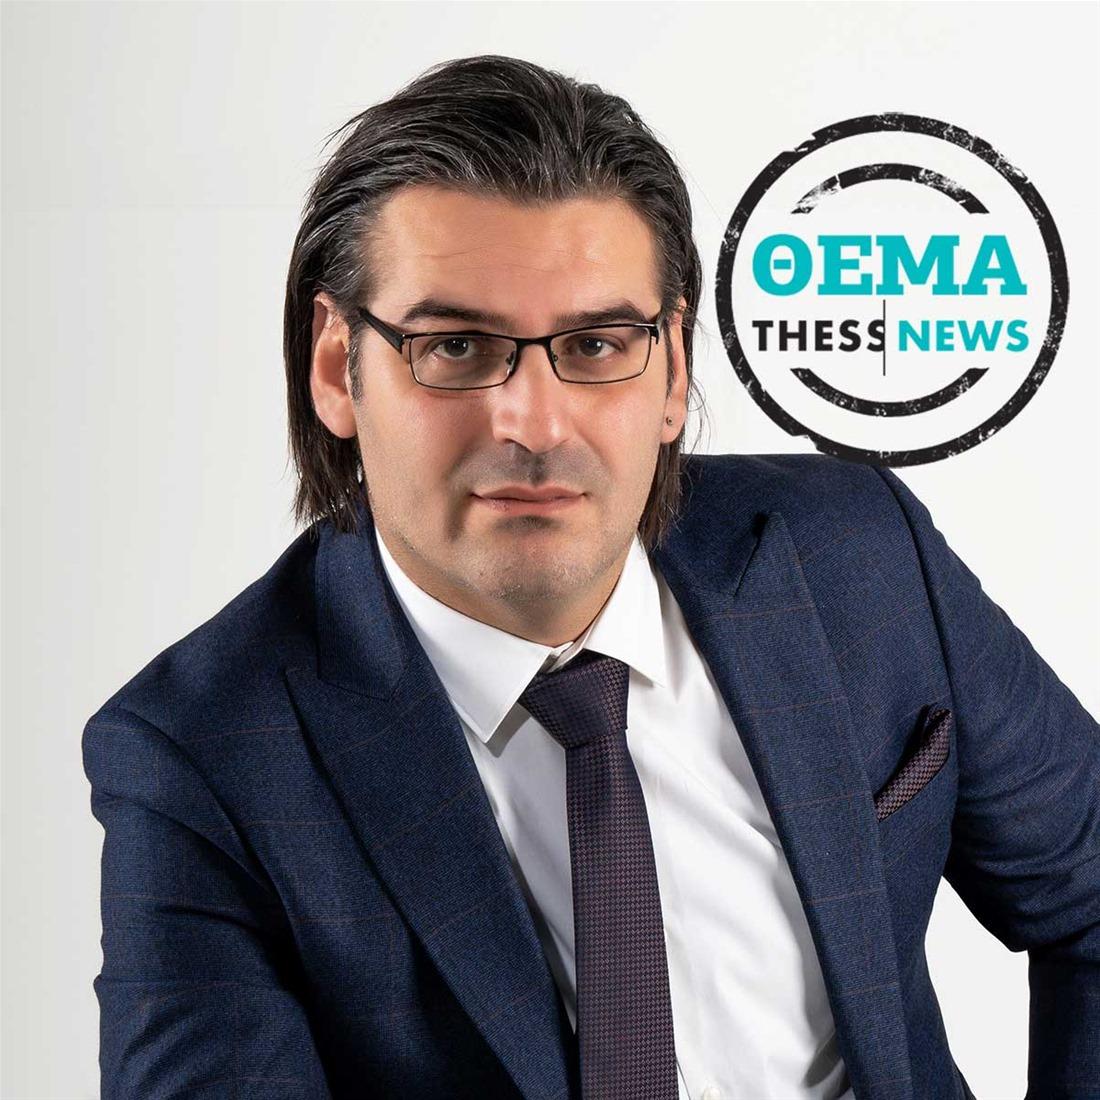 Λ. Ωραιόπουλος στην ThessNews: «Να ενώσουμε, όχι να διχάσουμε»